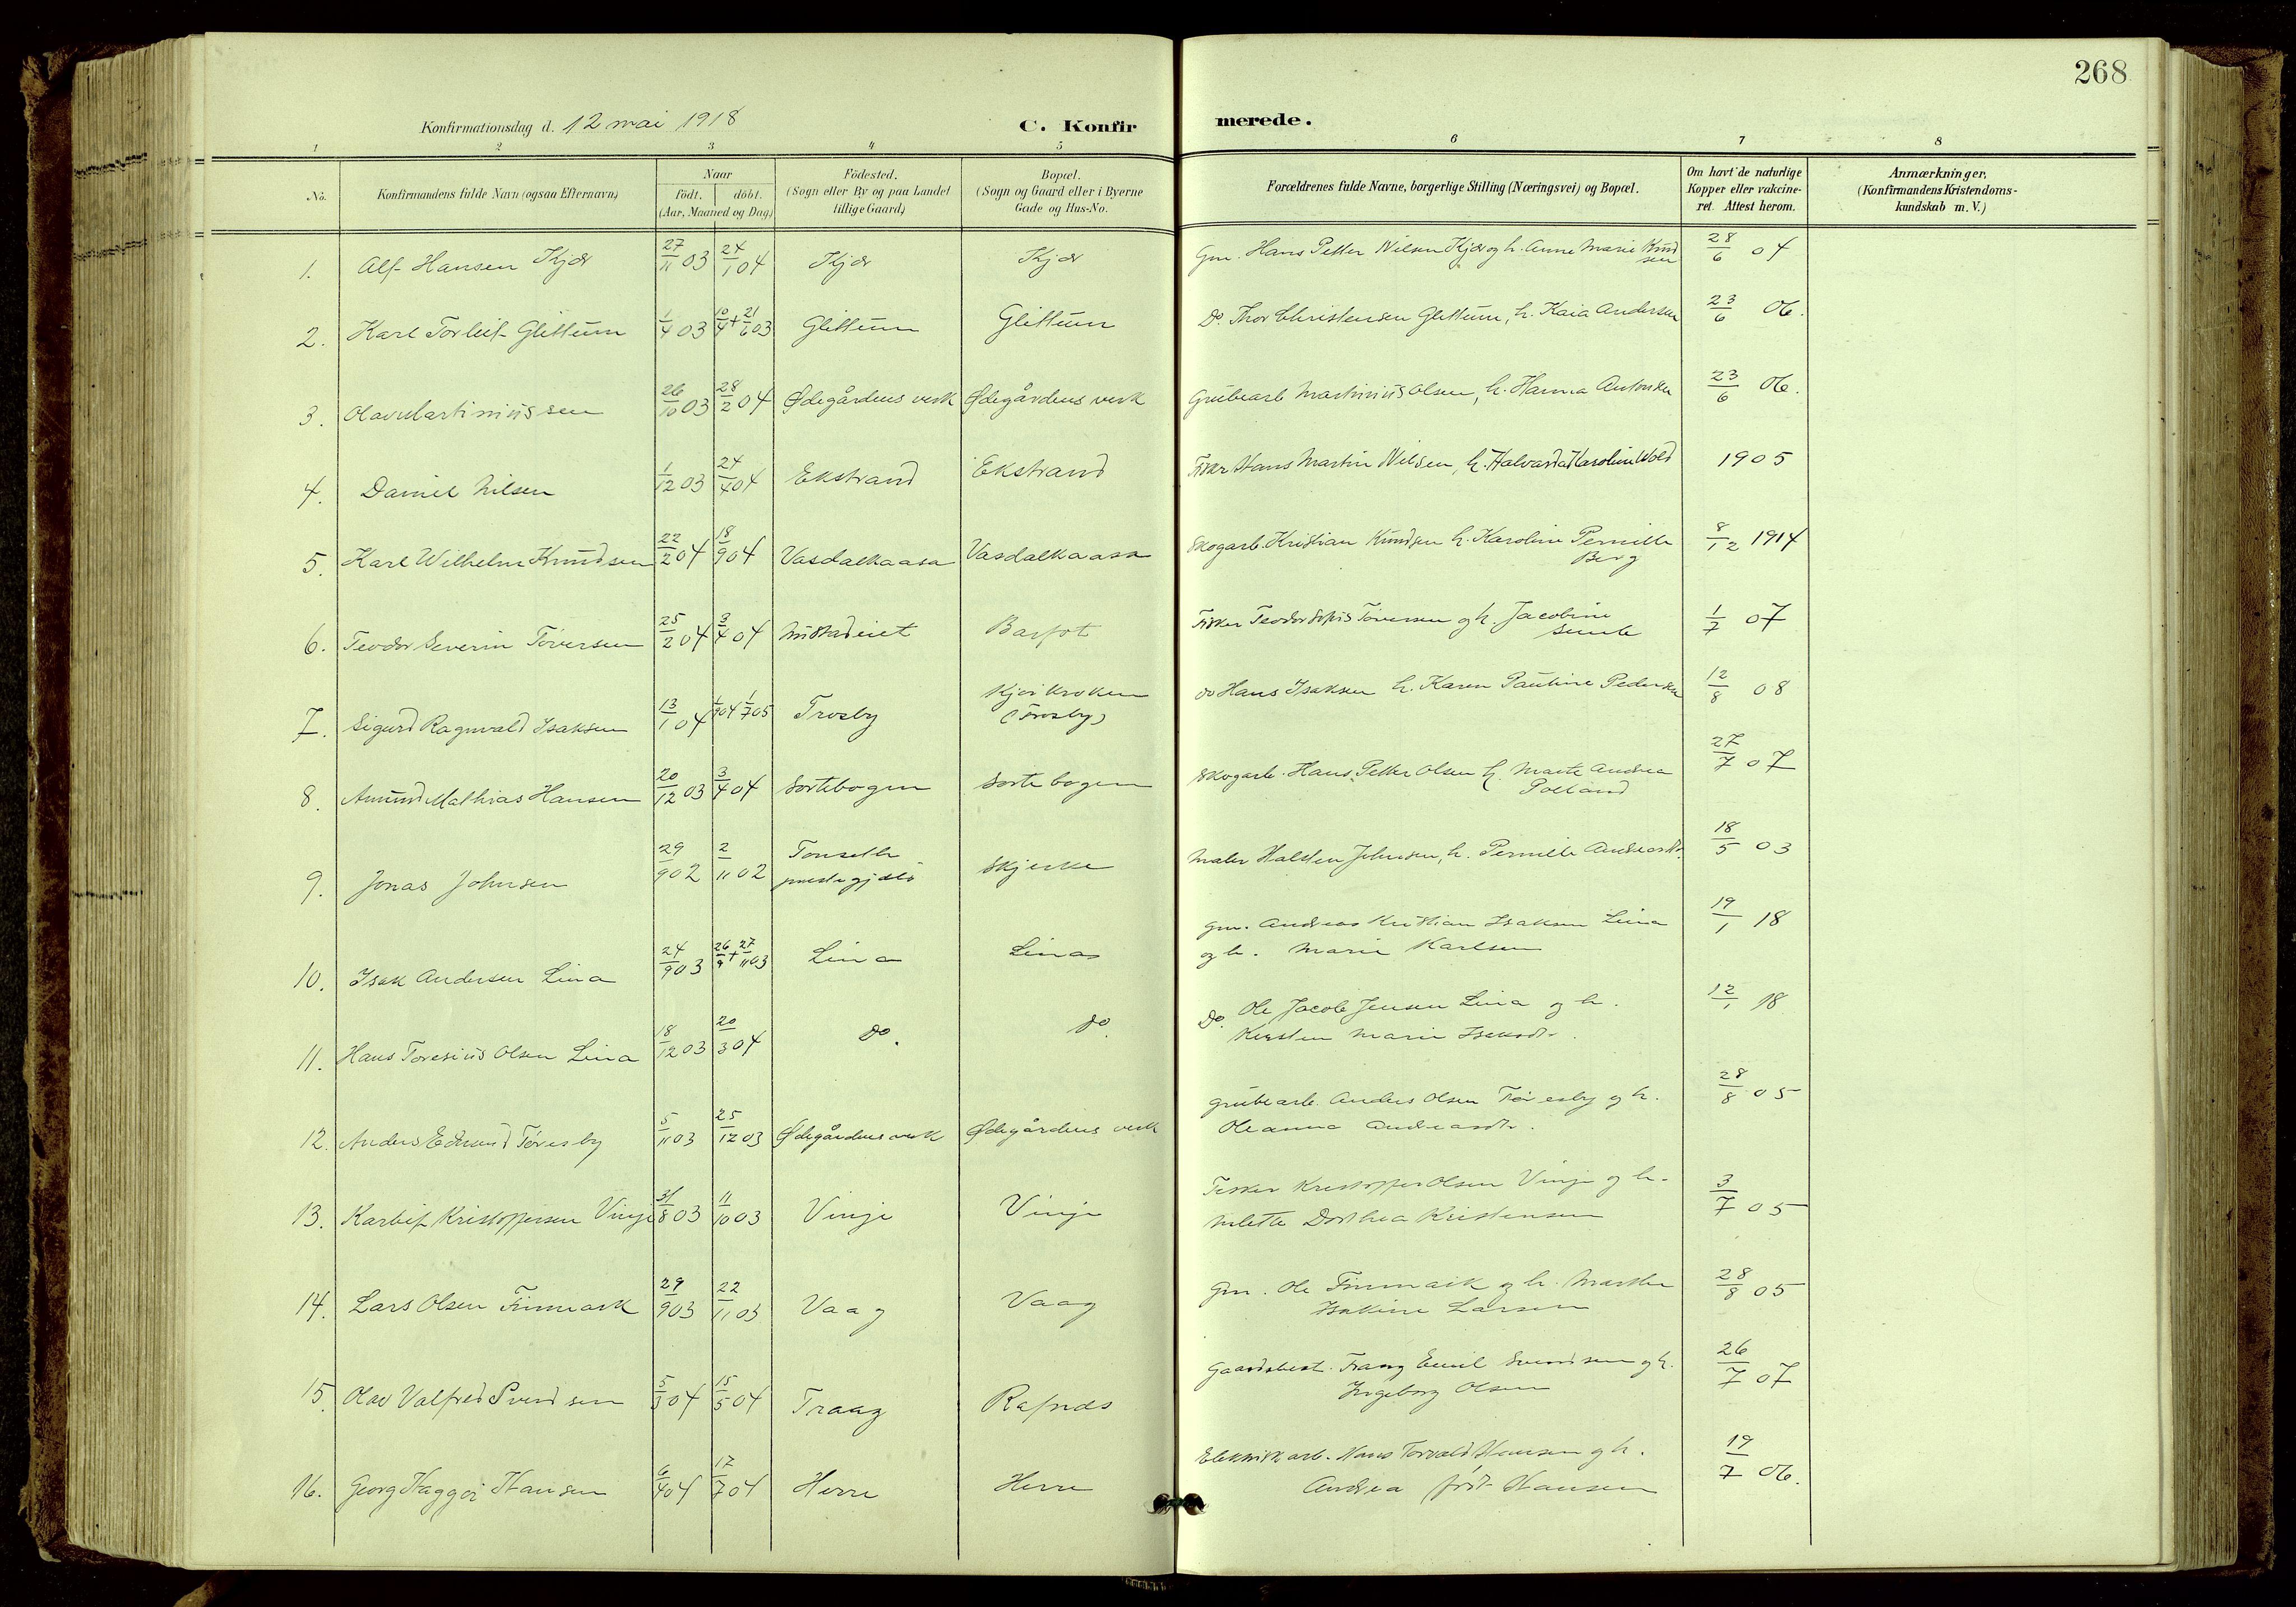 SAKO, Bamble kirkebøker, G/Ga/L0010: Klokkerbok nr. I 10, 1901-1919, s. 268